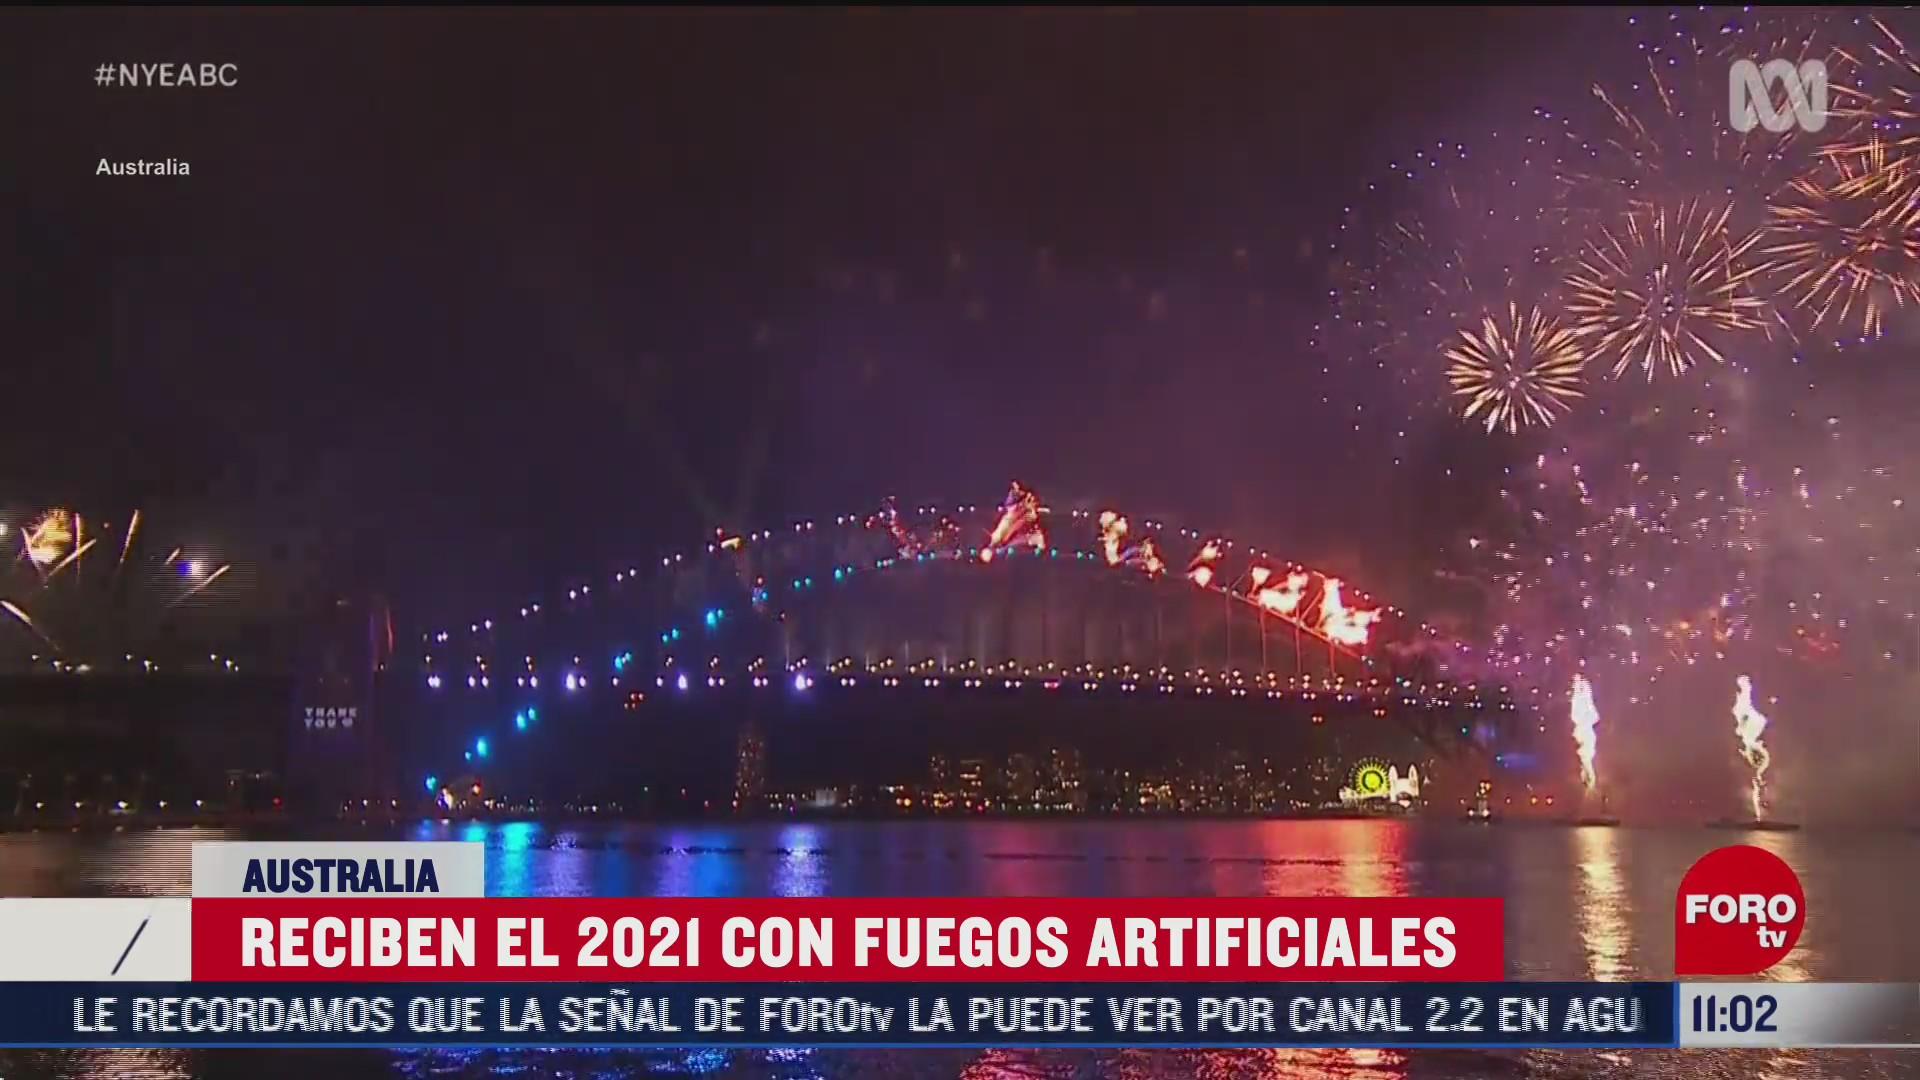 australia recibe el 2021 con fuegos artificiales